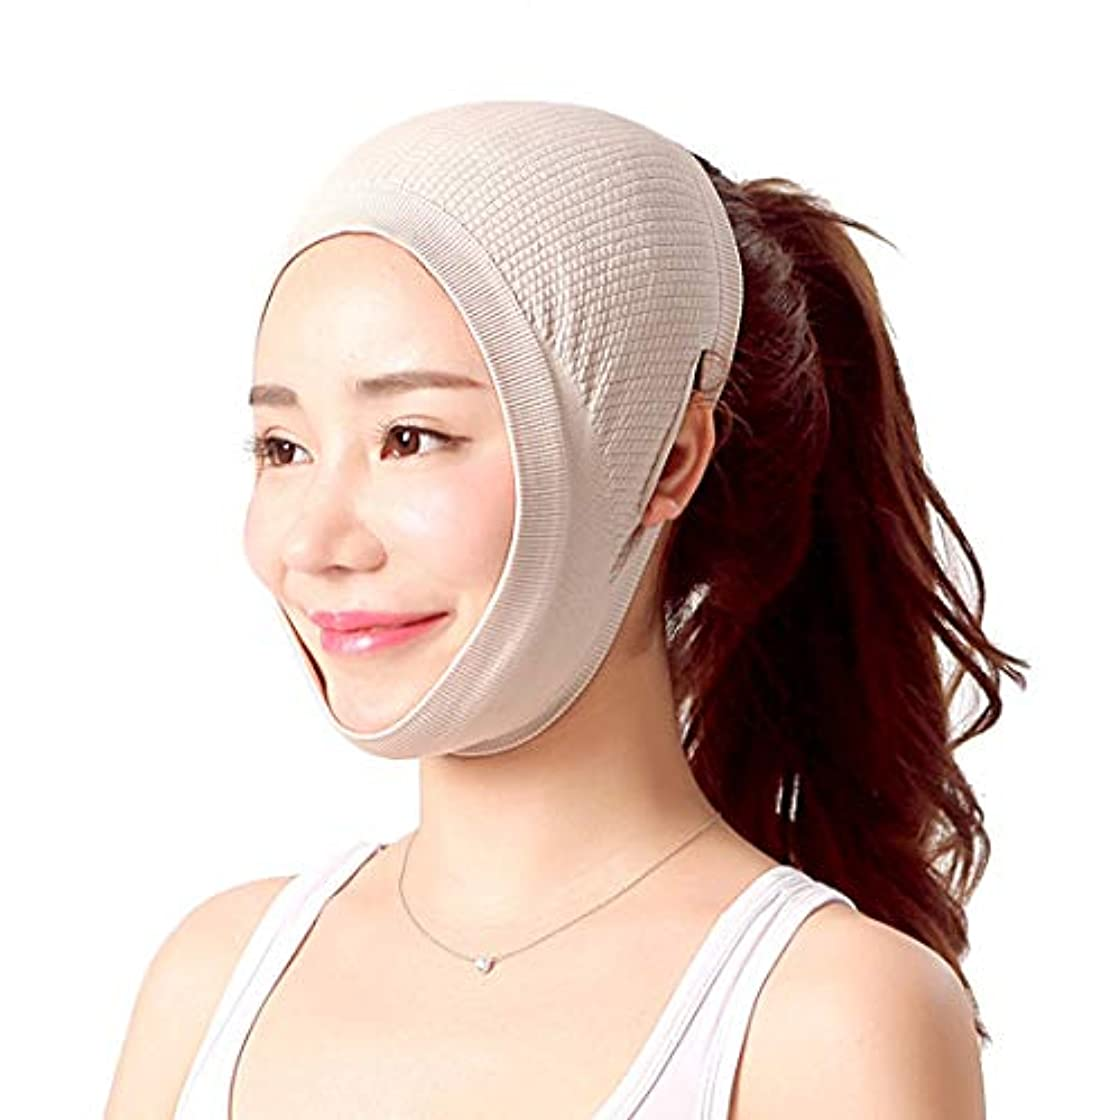 鳩相手シンボルZWBD フェイスマスク, 減量の包帯を取除くために皮の包帯、二重あごをきつく締めるための顔の包帯が付いている顔の減量のマスクは調節することができます